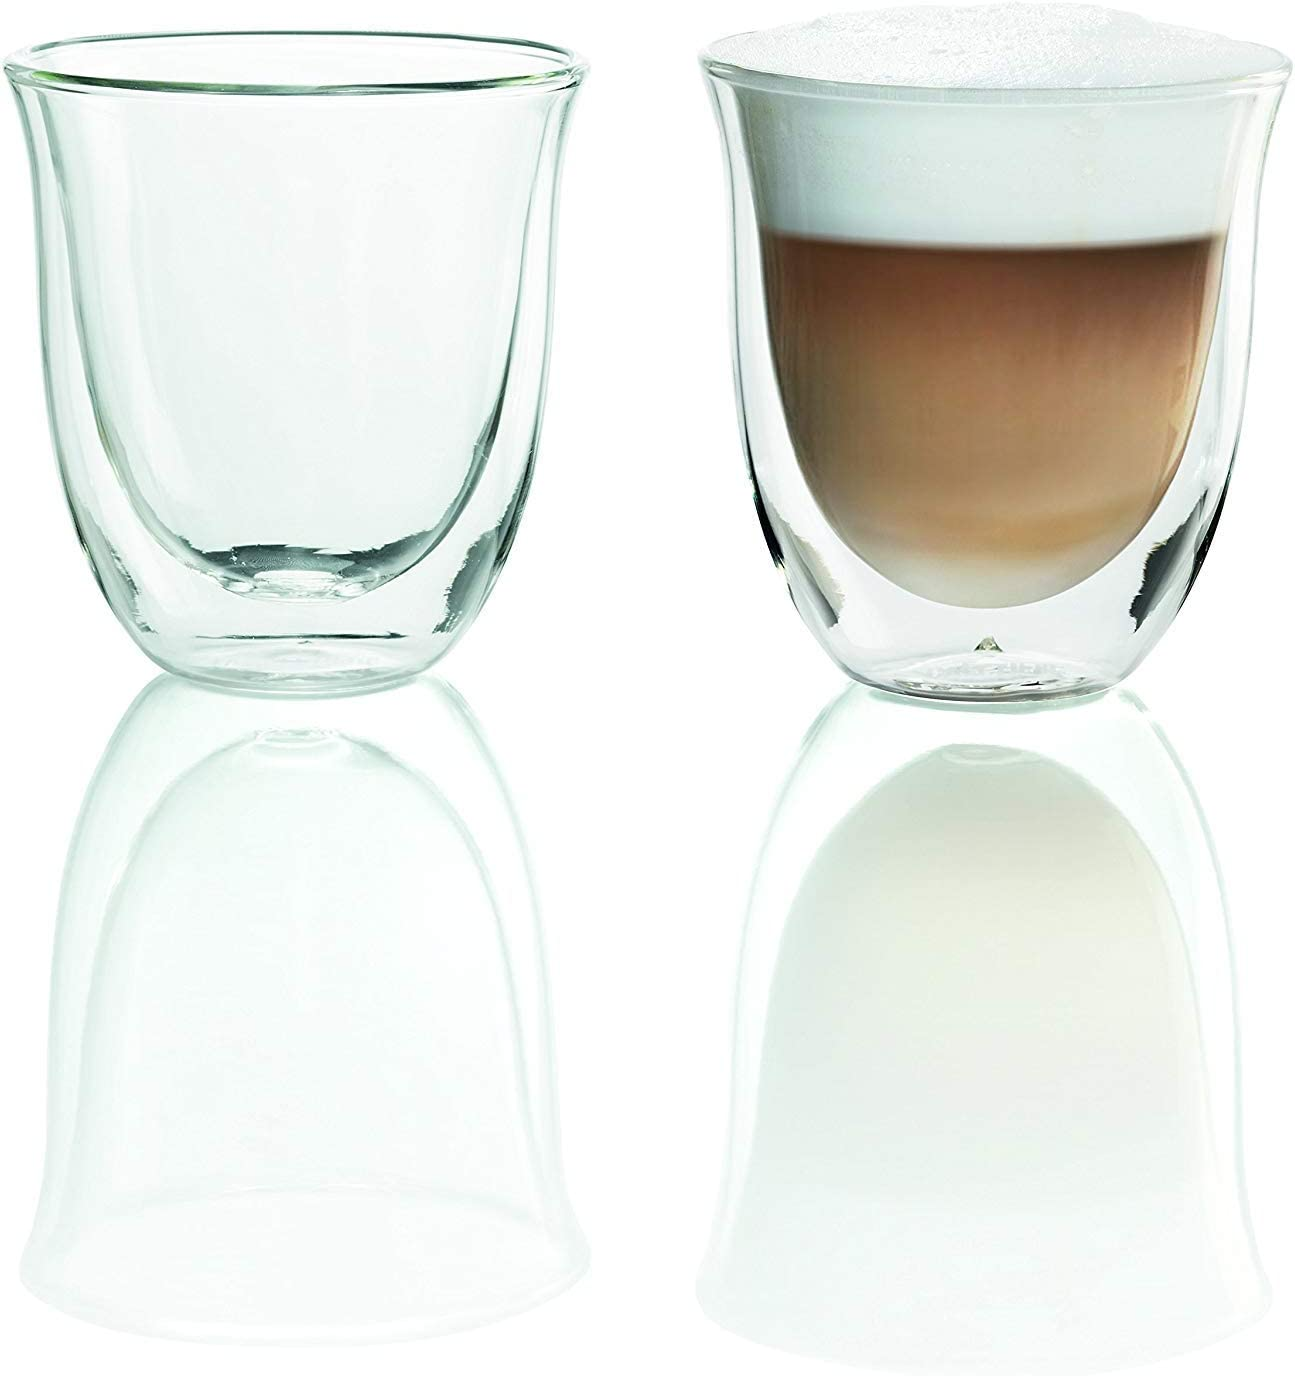 Delonghi Max 84% OFF 5513214601 Glasses Cappuccino Great interest